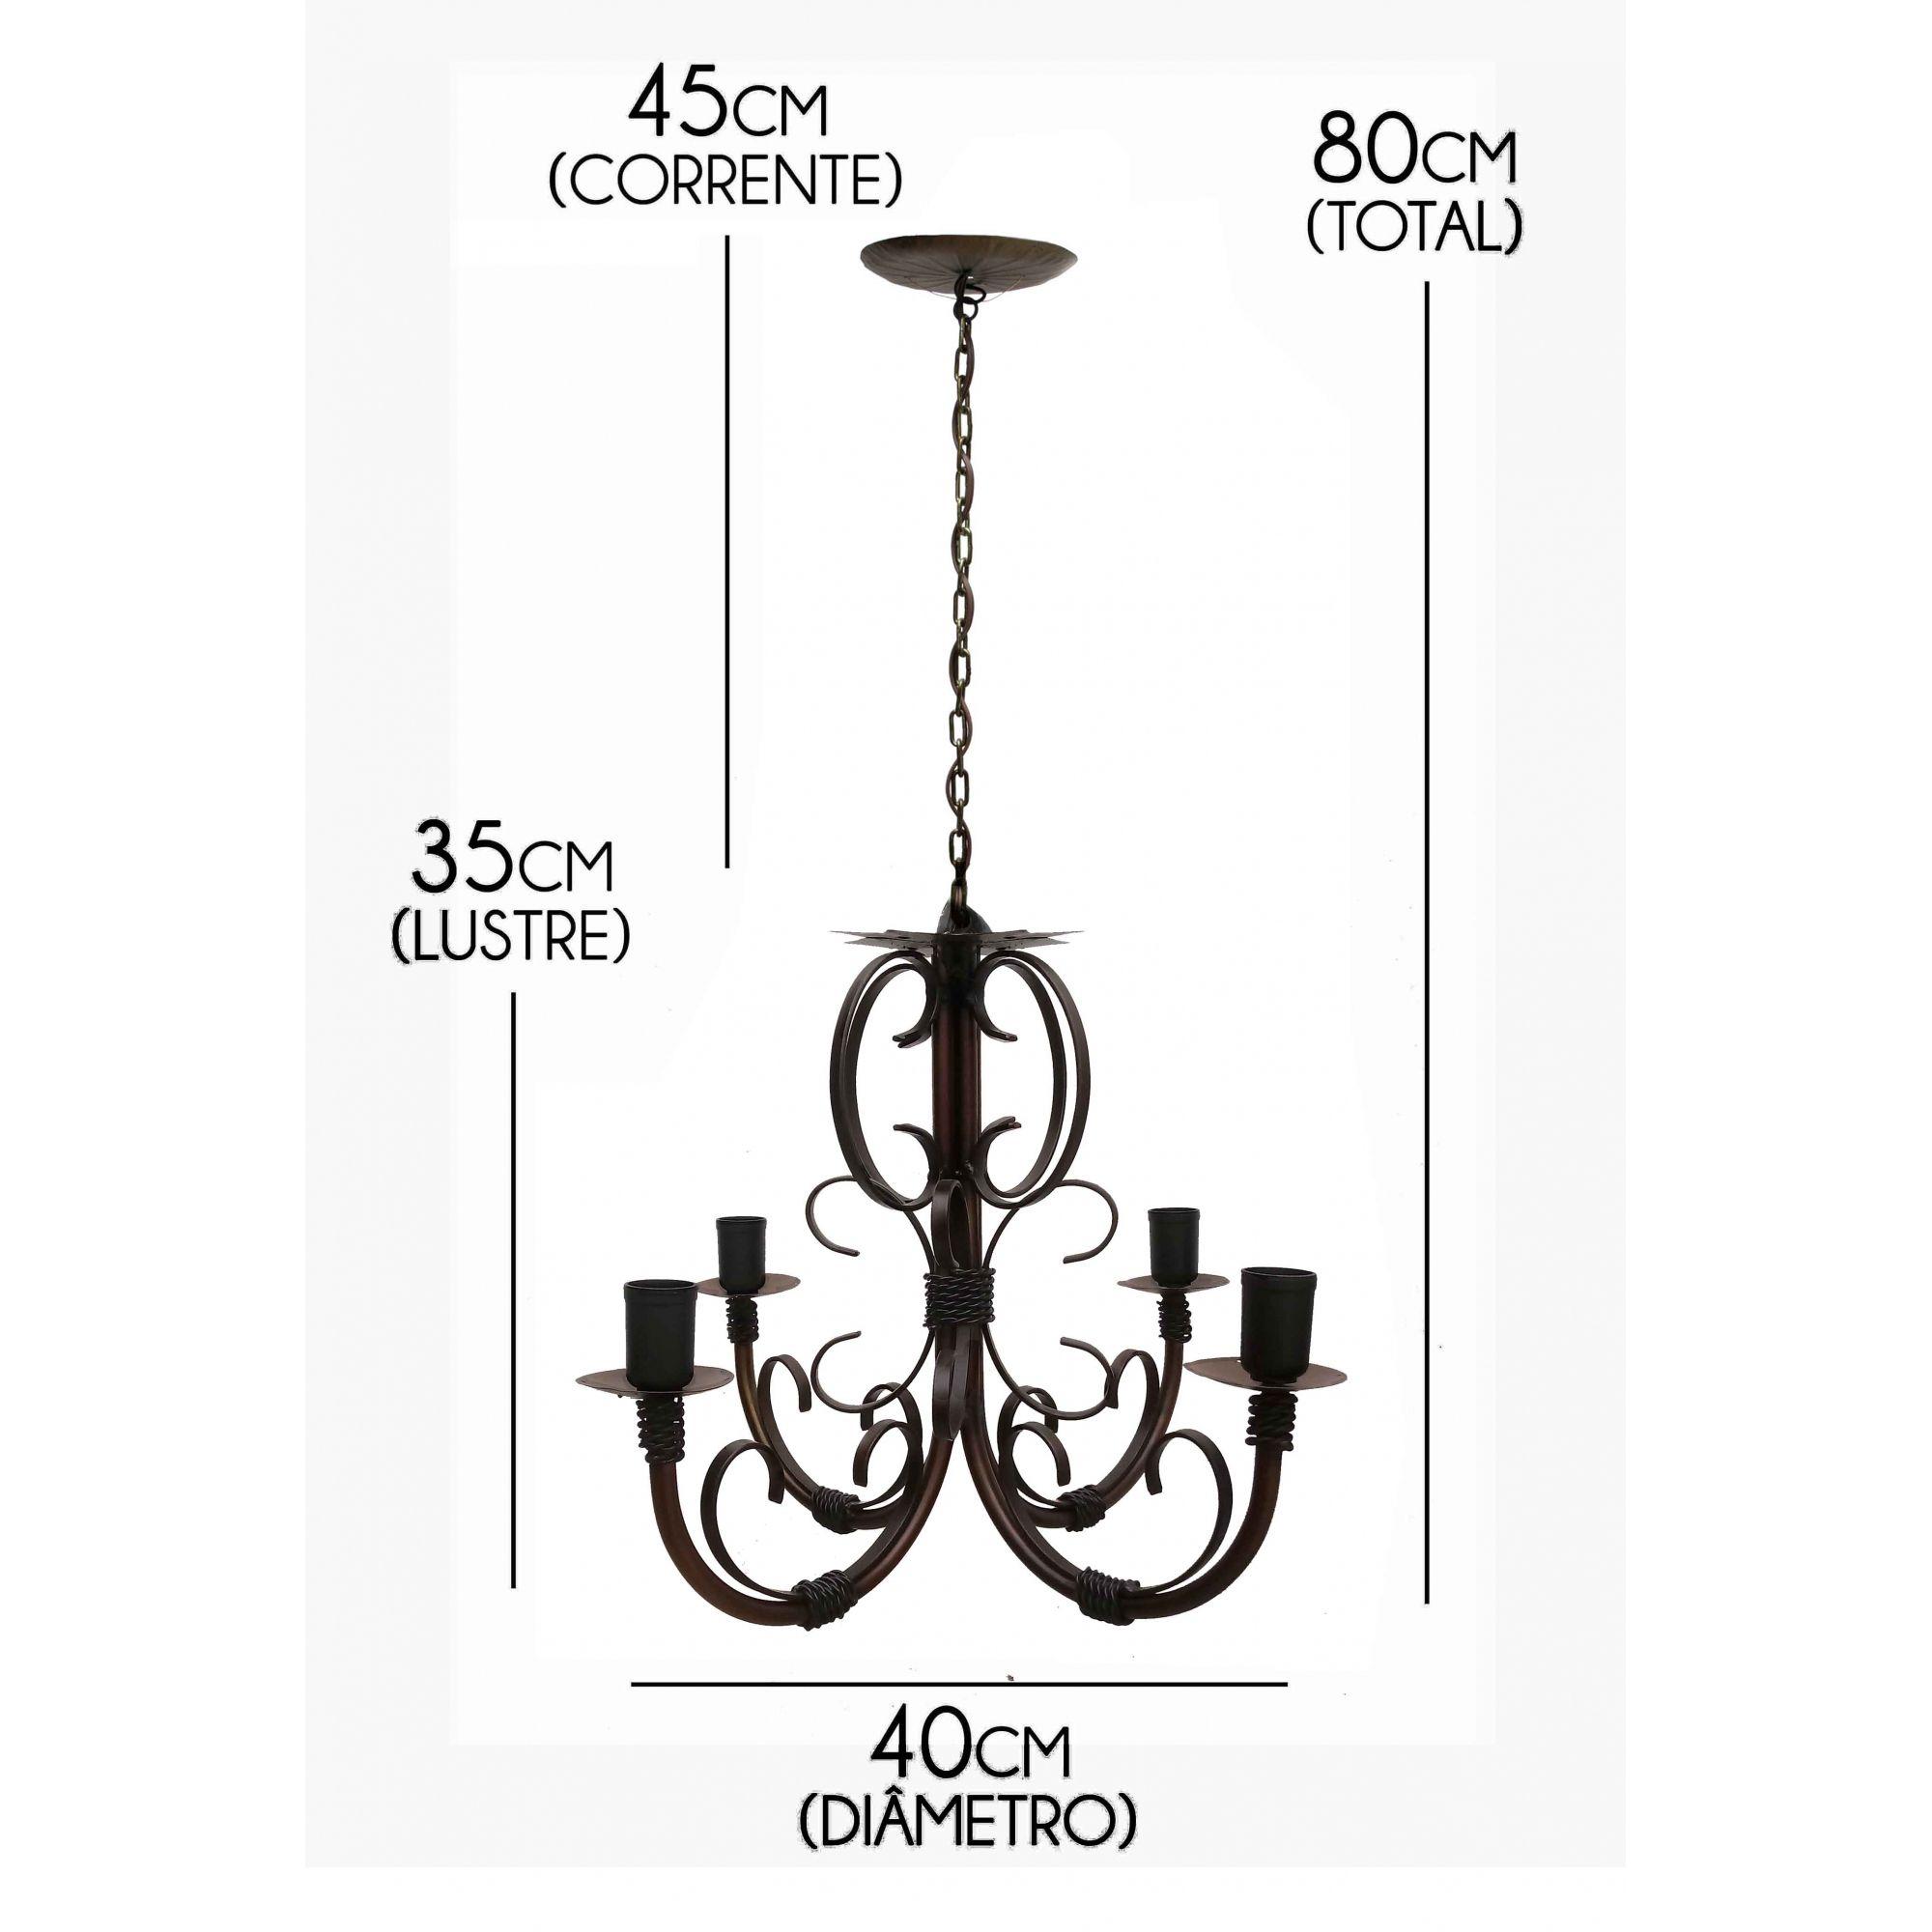 Luminária Rustica De Teto Pequena com Preço De Fabrica